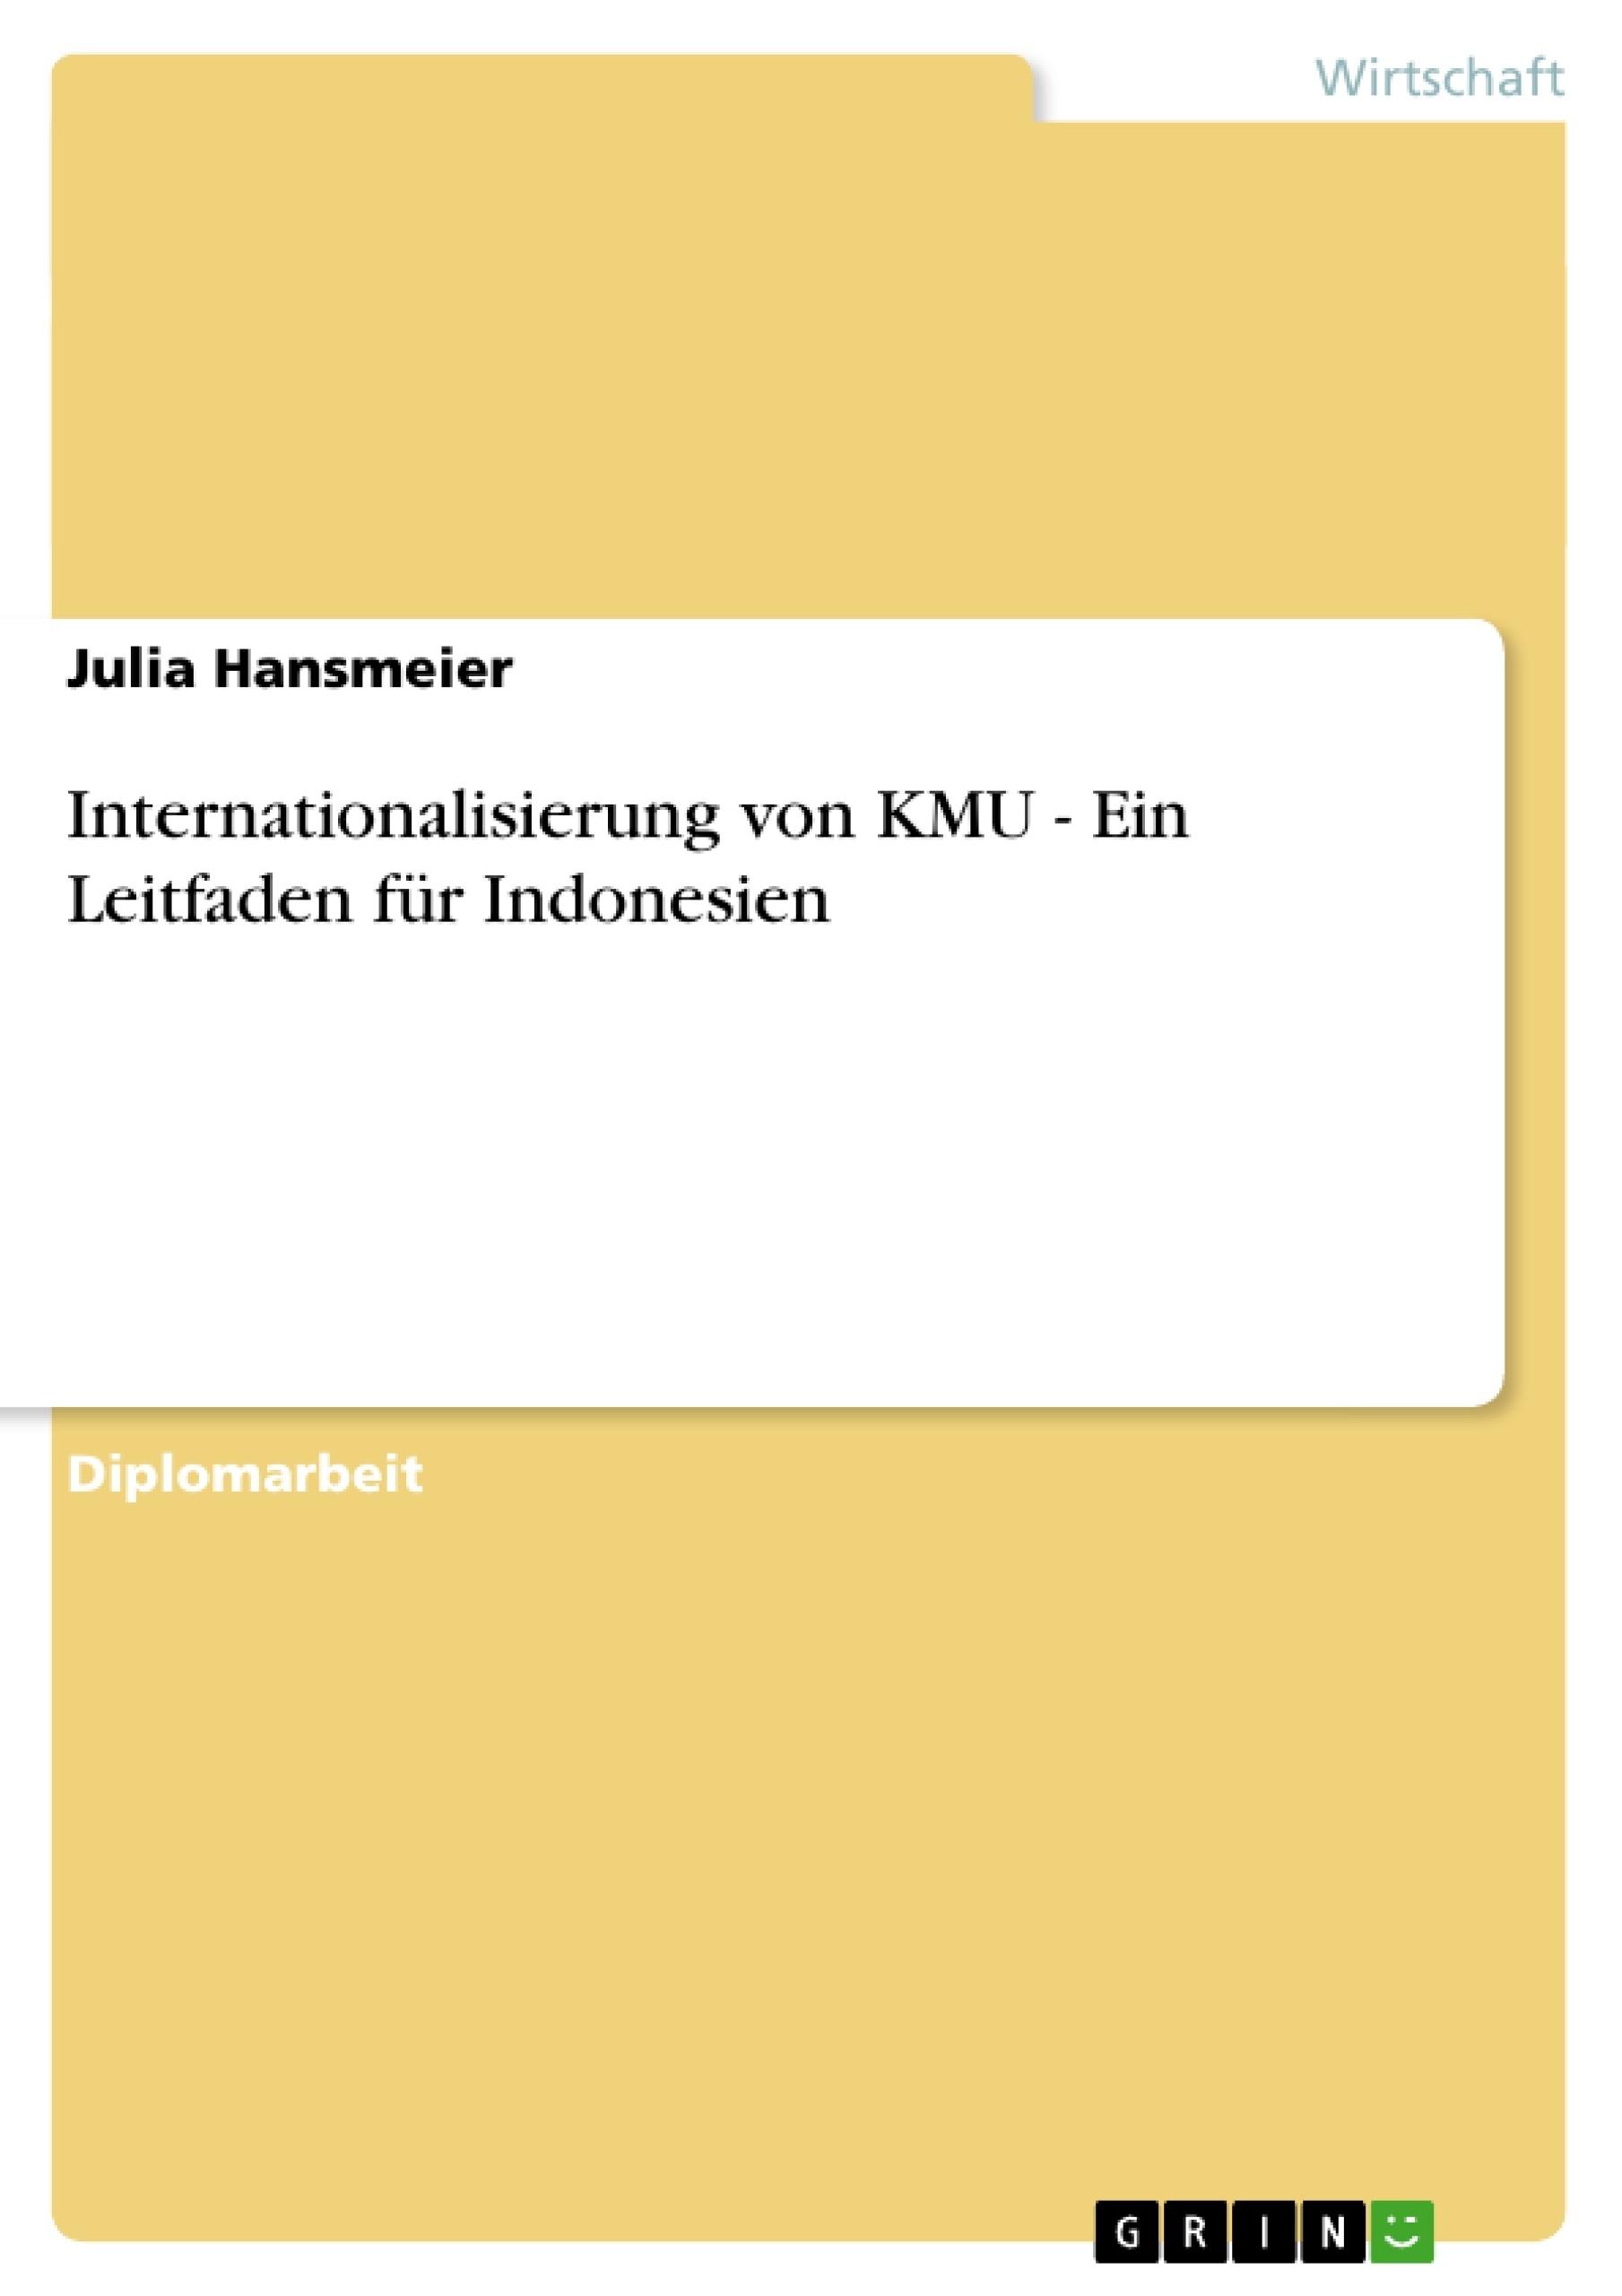 Titel: Internationalisierung von KMU - Ein Leitfaden für Indonesien